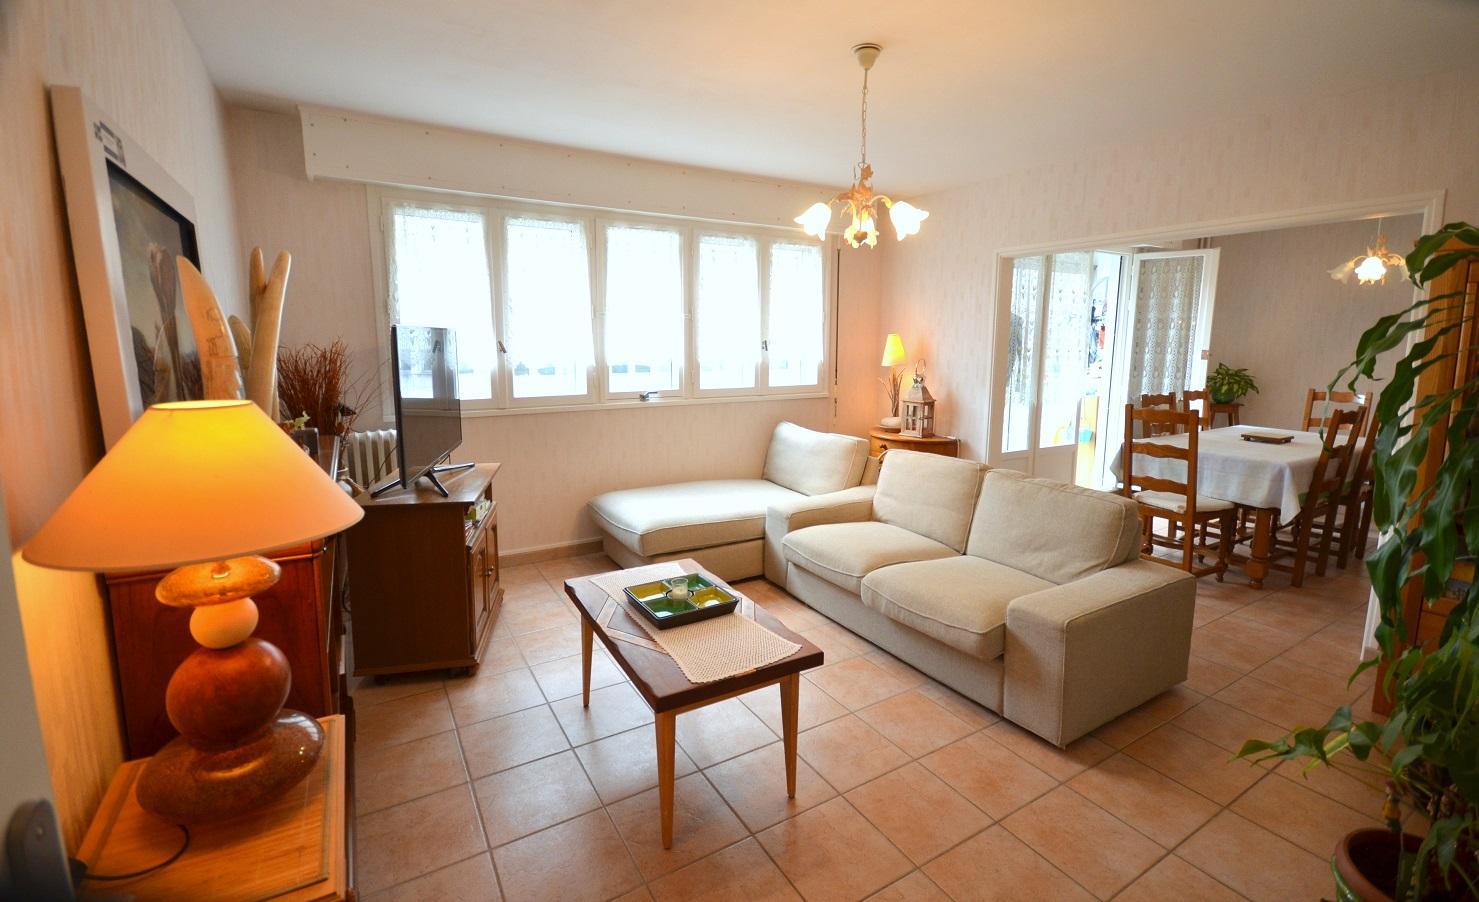 BREST: en impasse, bel appartement de 97m² avec 3 chambres et balcon fermé